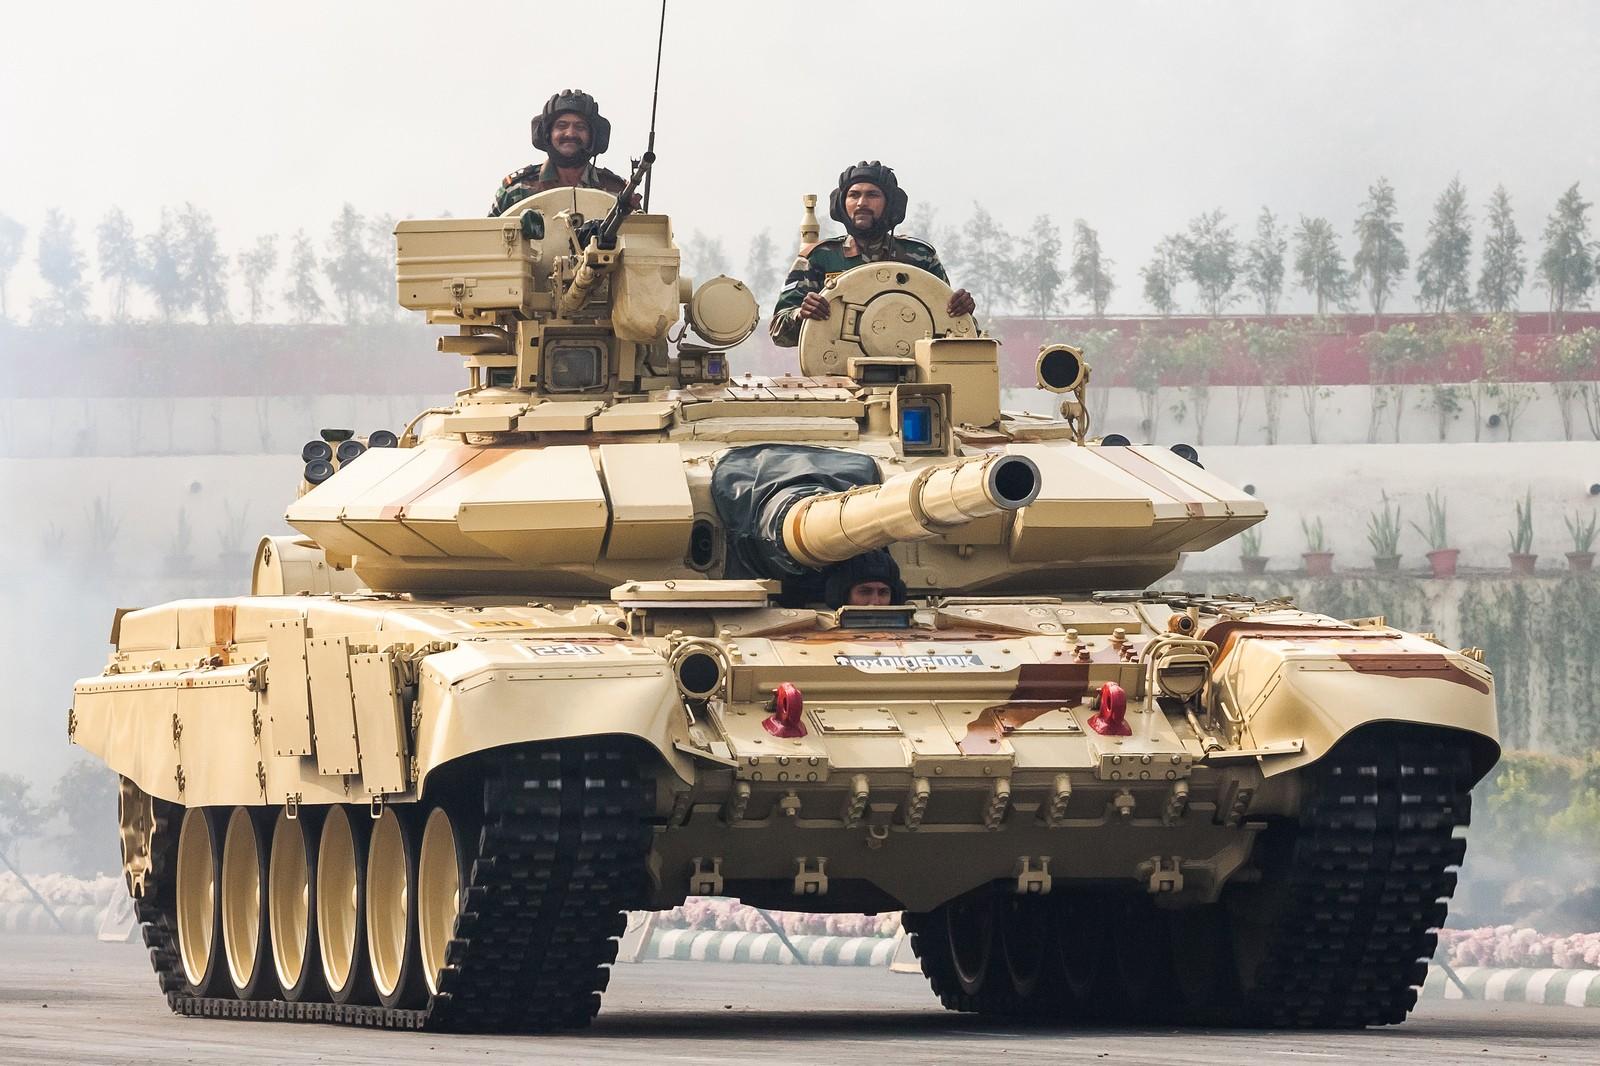 1600x1066 px 90S Bhisma esercito indiano t carro armato